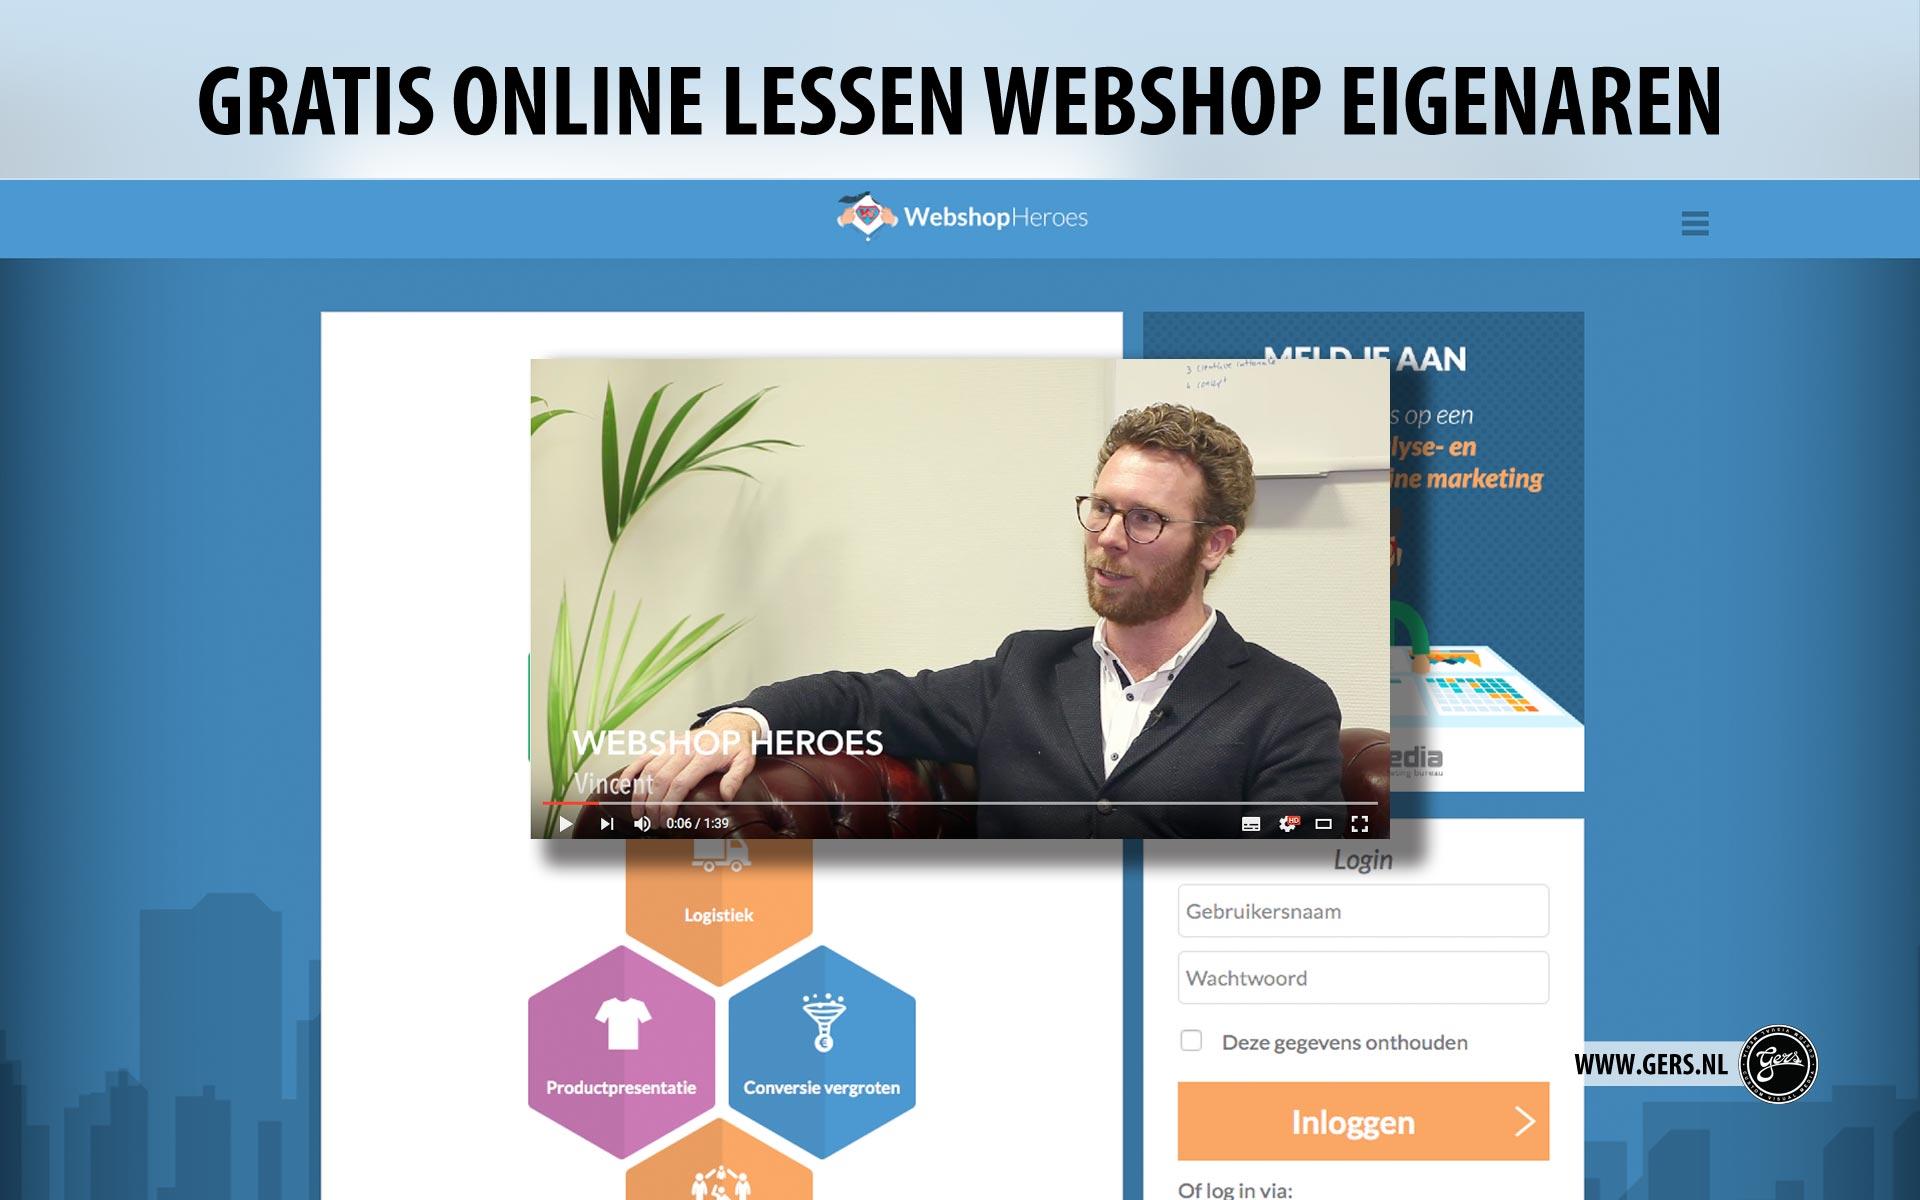 Gratis online lessen voor webshop eigenaren